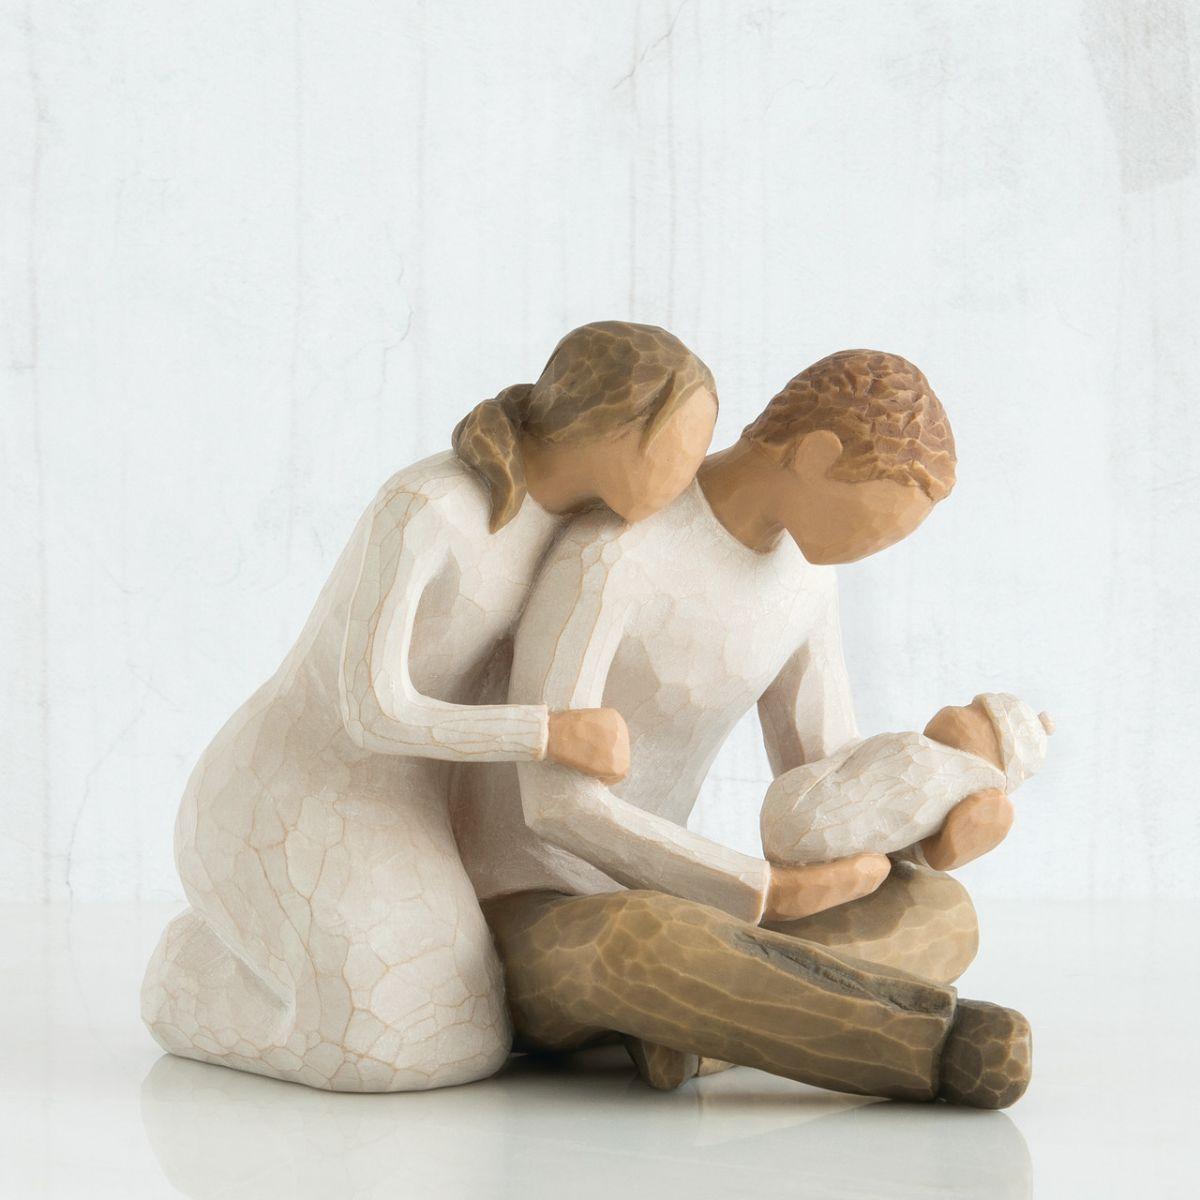 ウィローツリー彫像 【New Life】 - 新しい生命